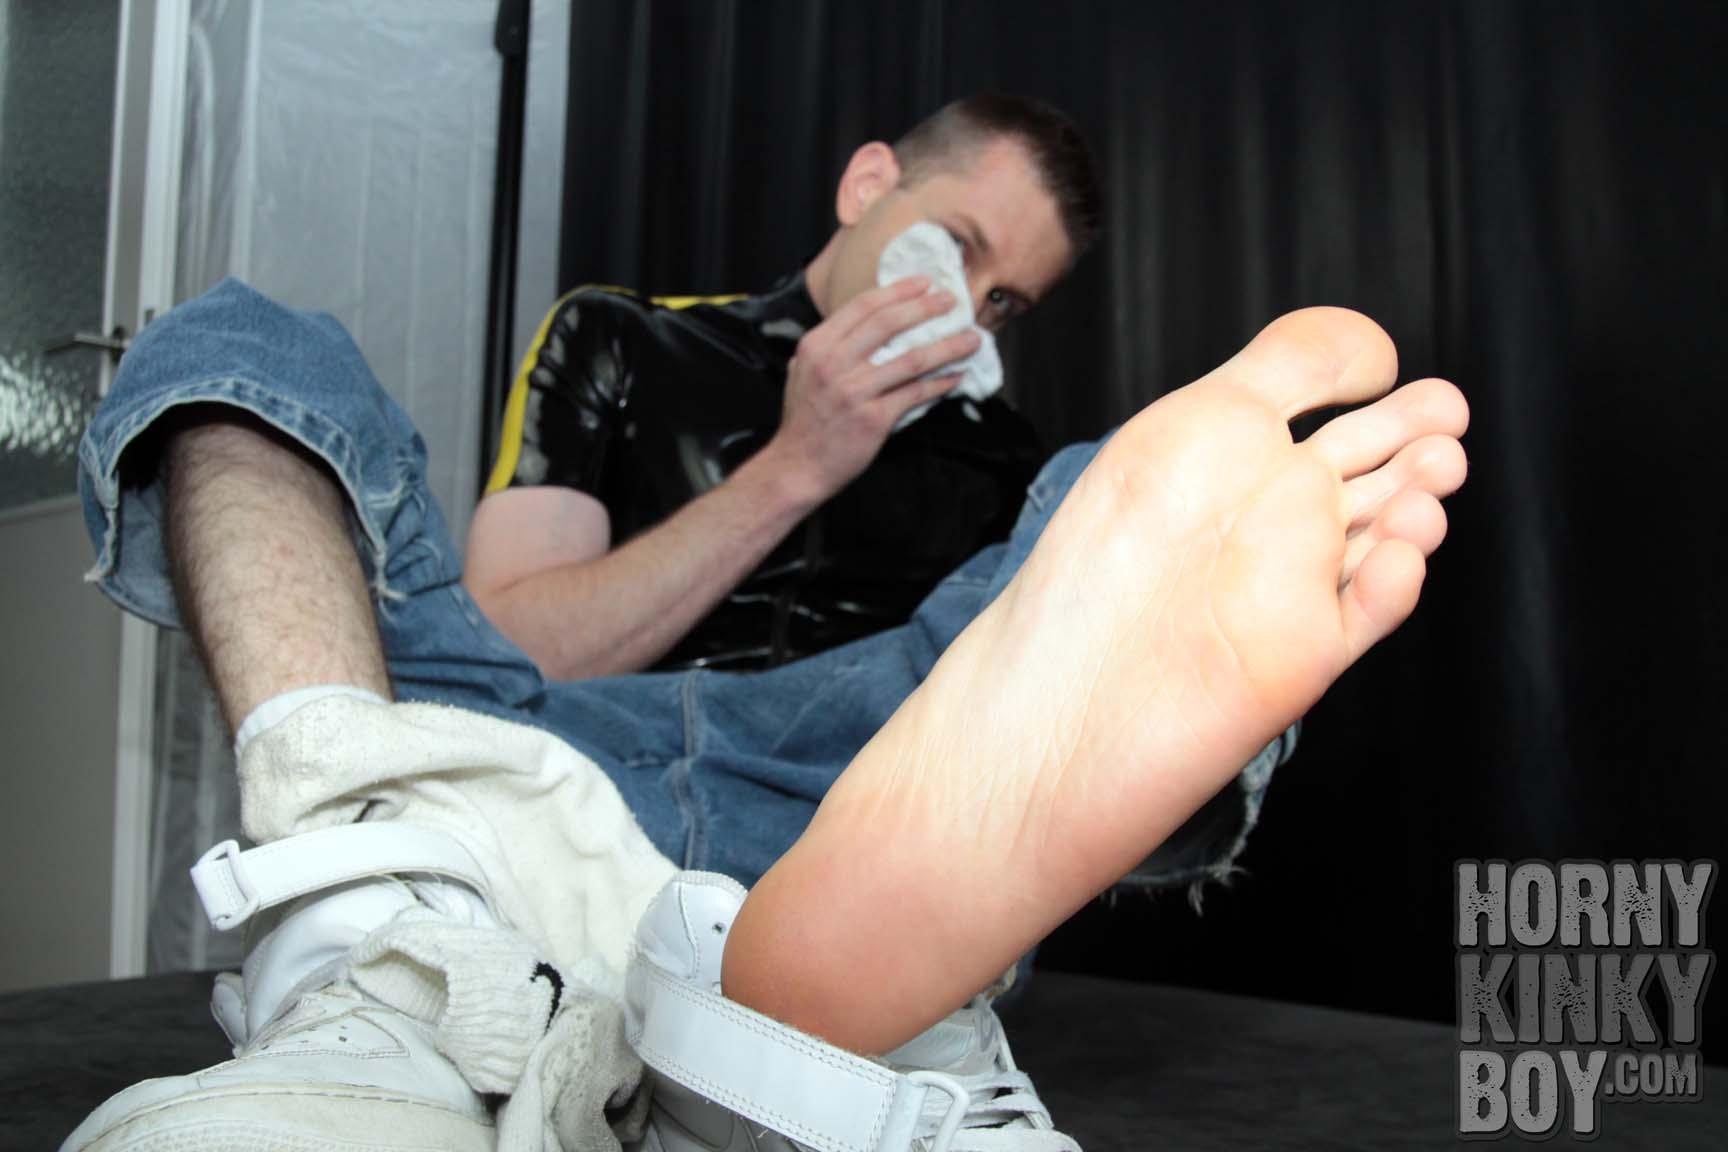 Rubber Skater Sniffs His Extreme Smelly White Socks